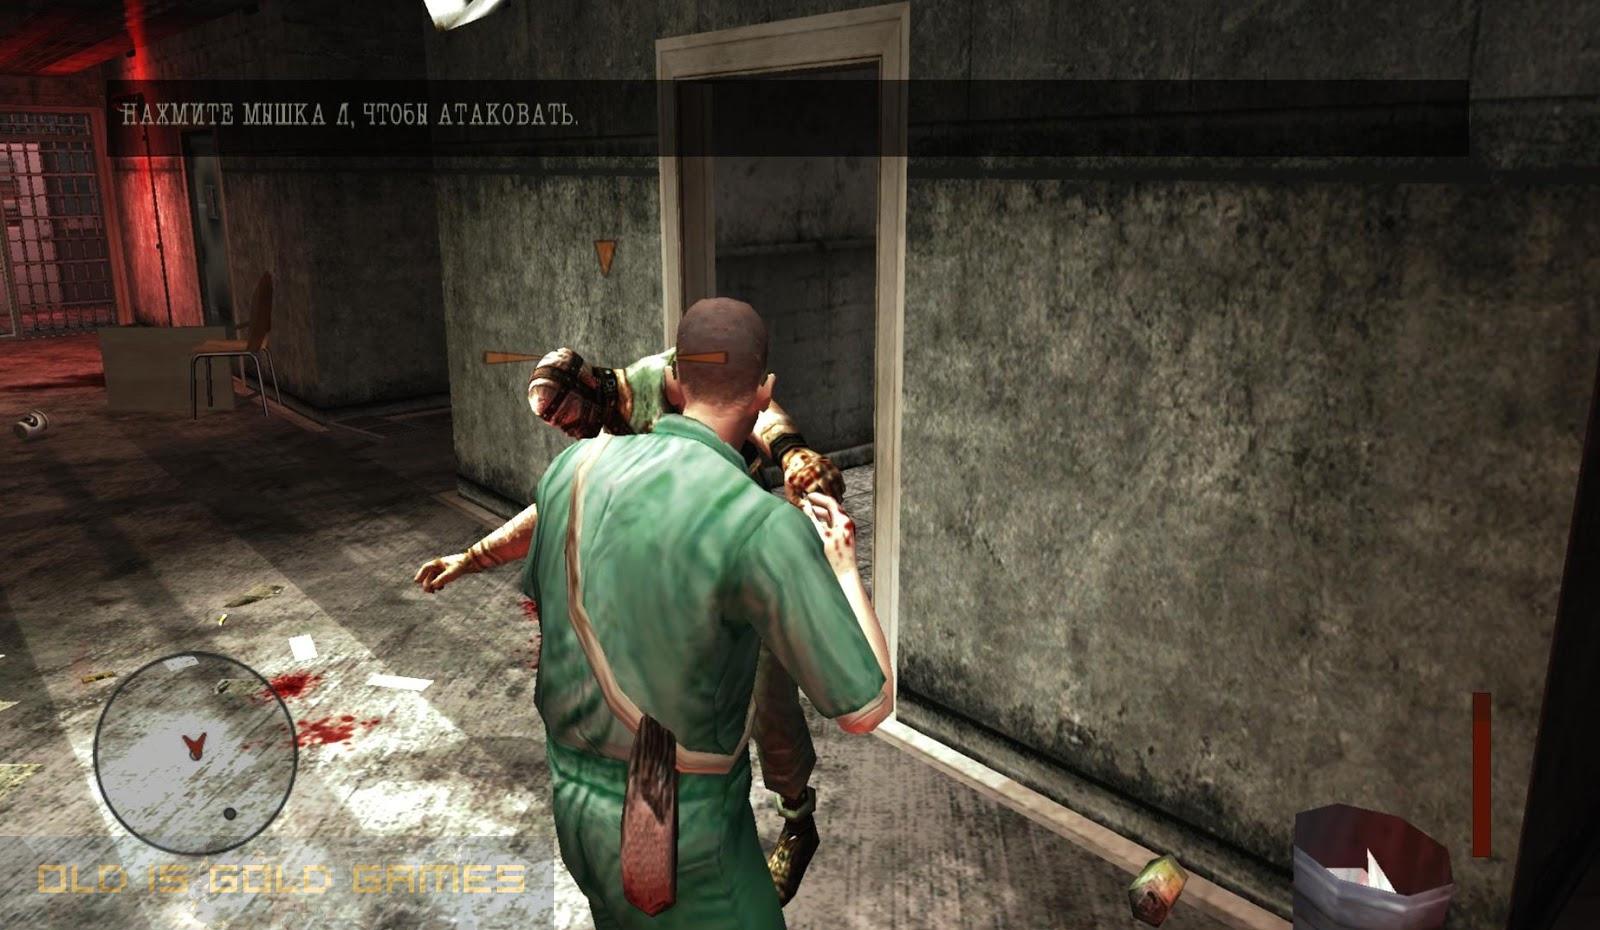 manhunt 2 download pc game